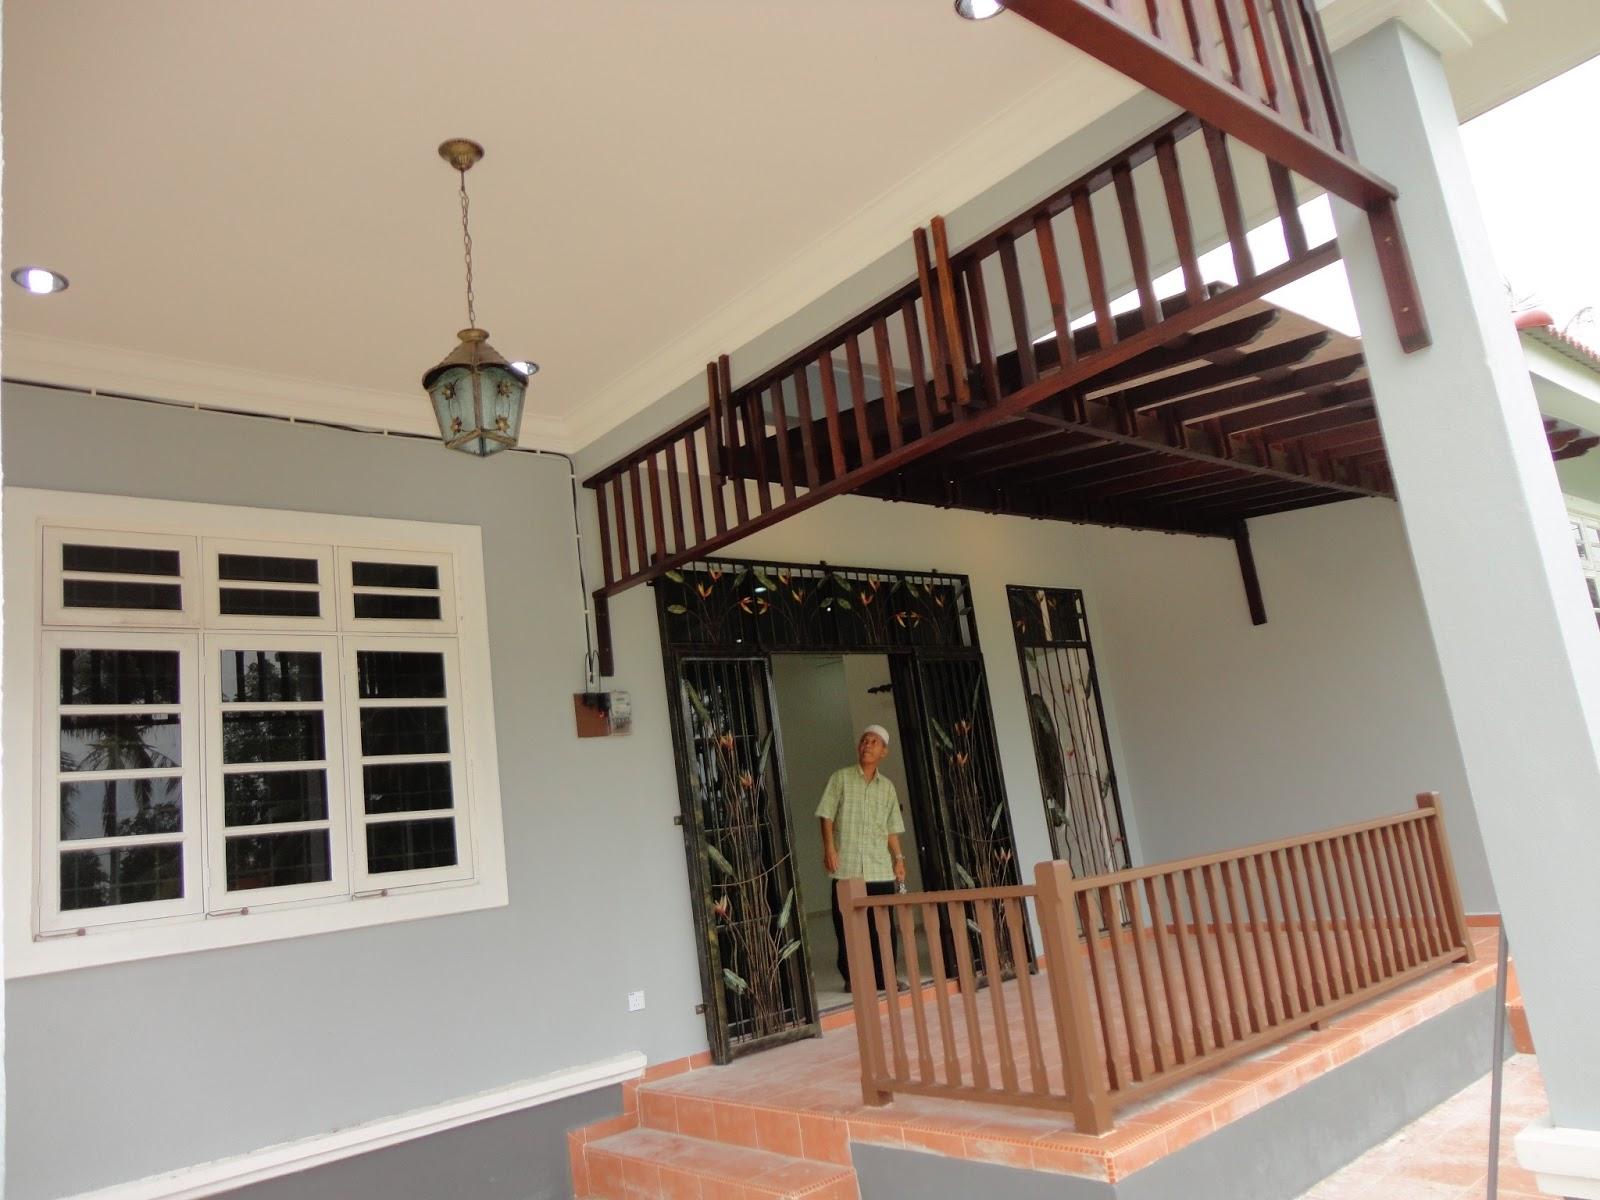 Design Deko Rumah Inspirasi Quotrumah Nugroho Quot Dekorasi Ajaib